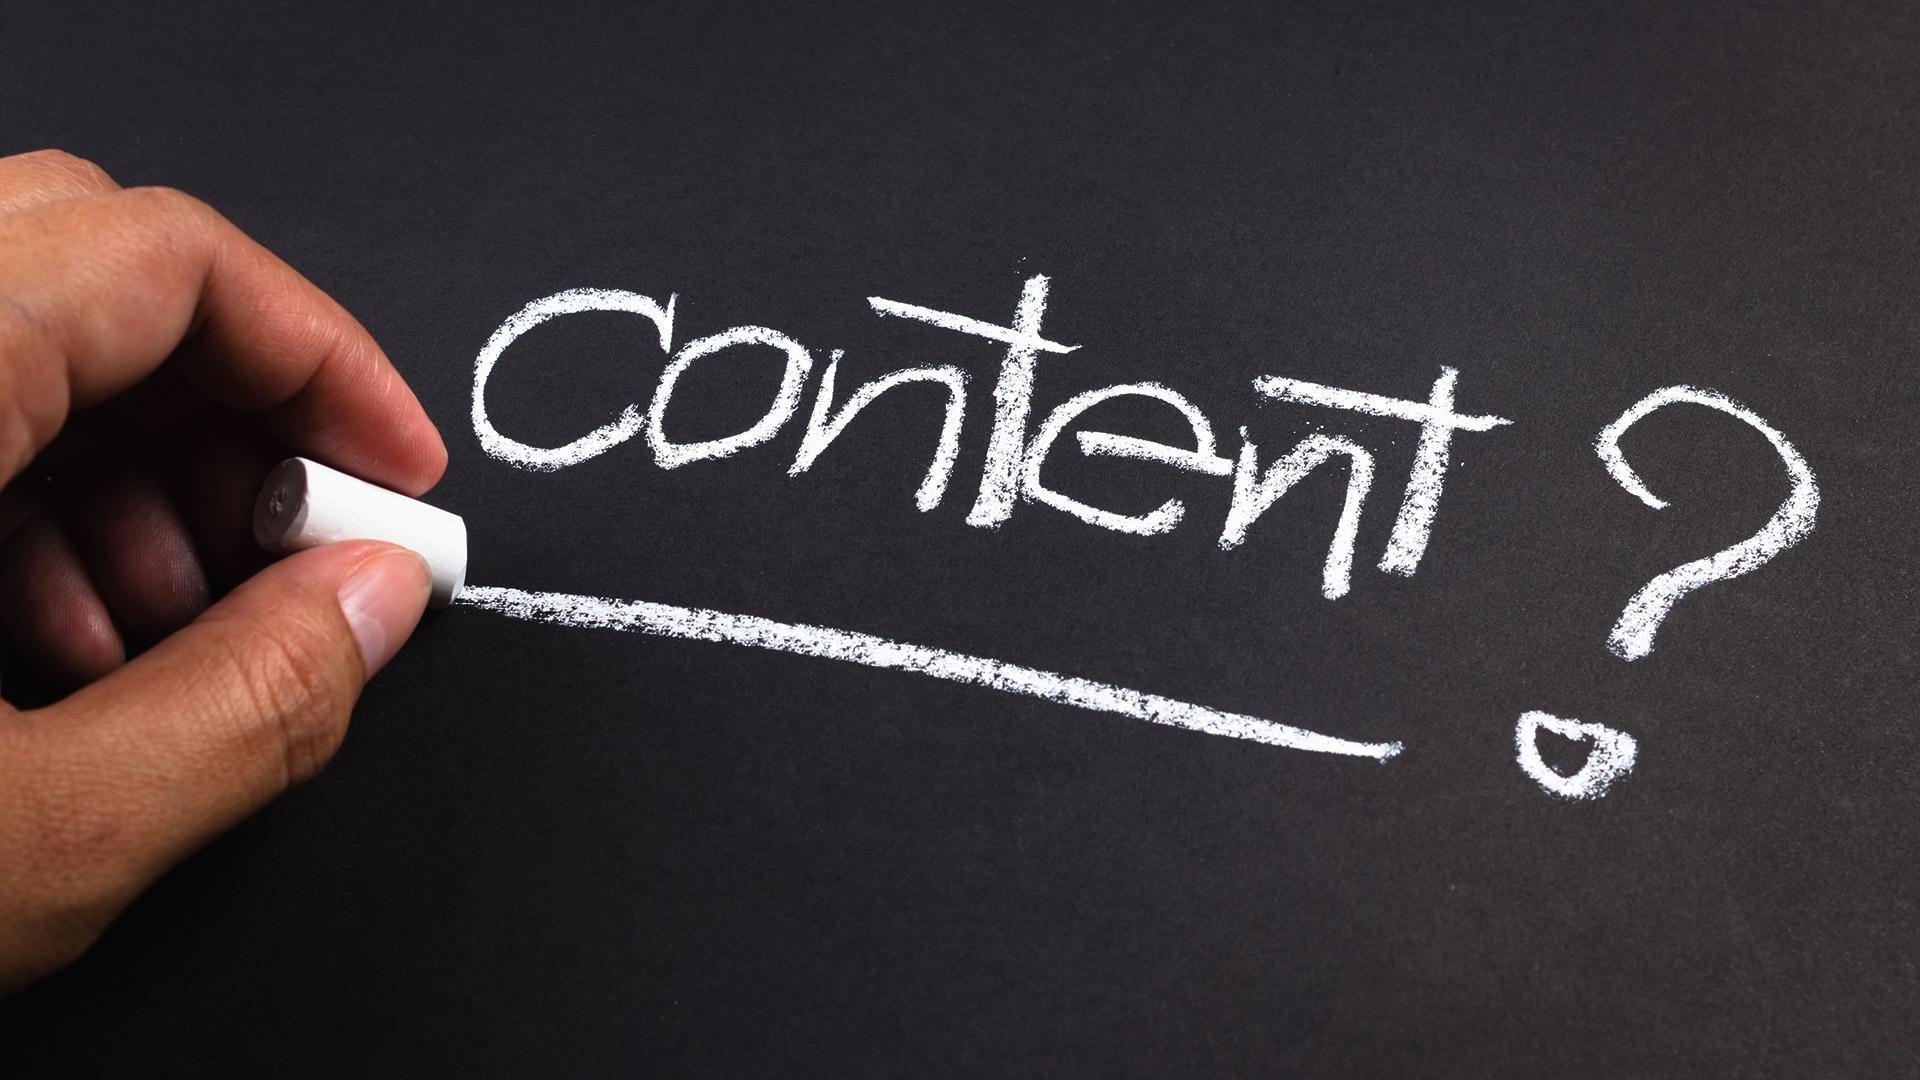 Content là một yếu tố rất quan trọng đối với thương mại điện tử hiện nay